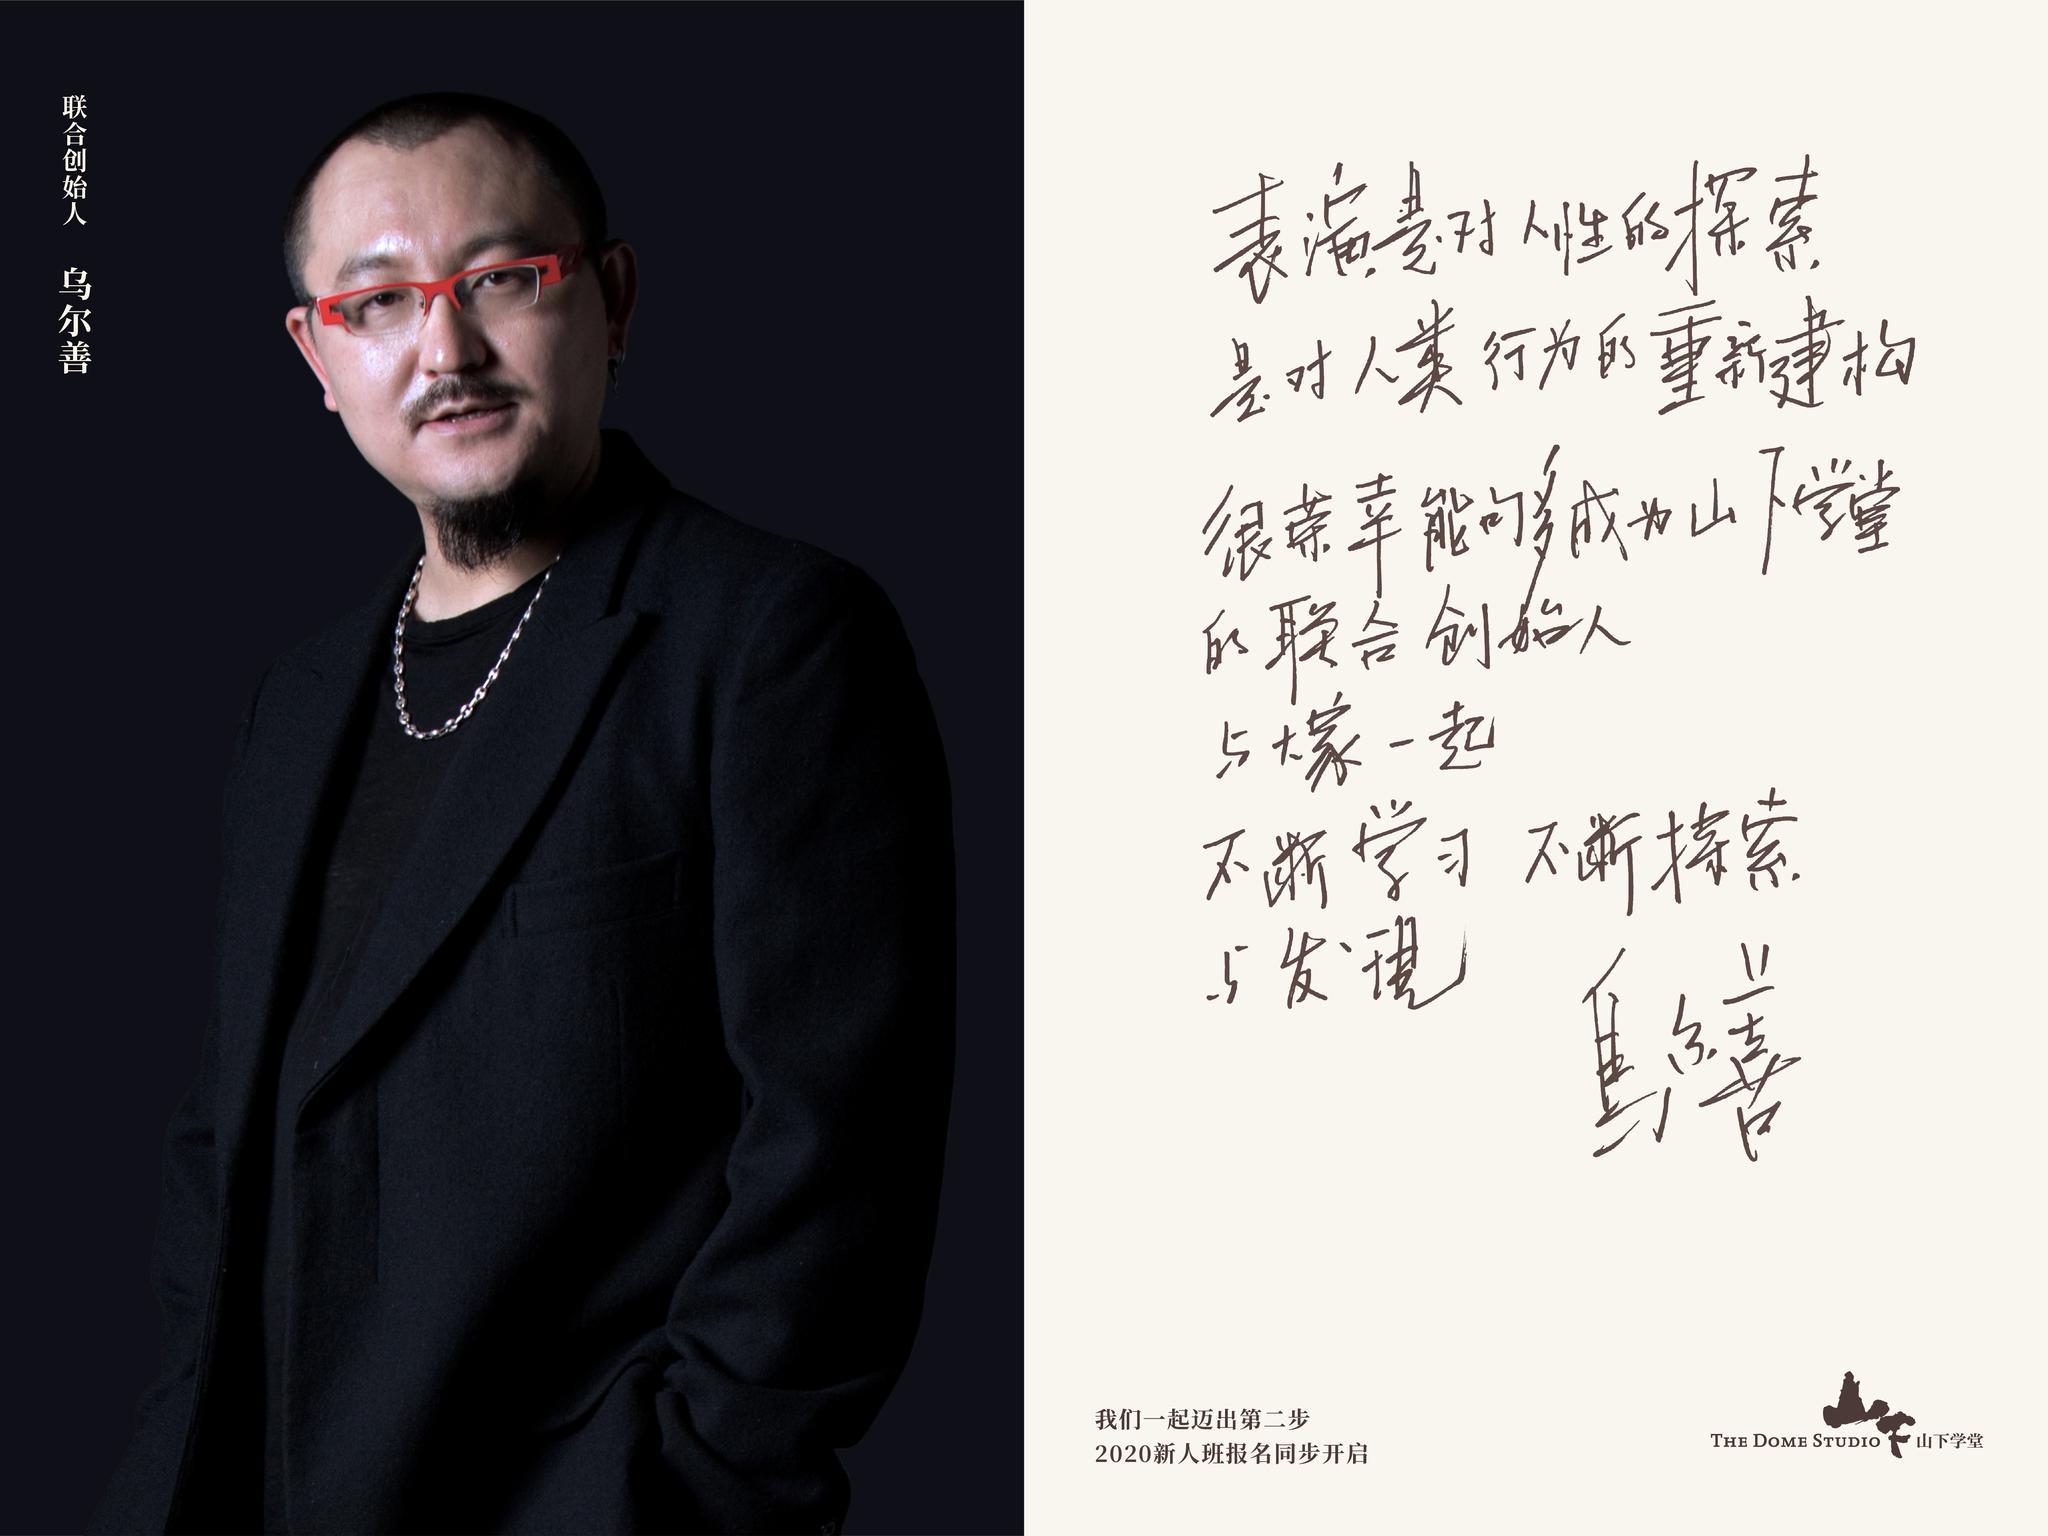 http://www.bjhexi.com/shehuiwanxiang/1429924.html